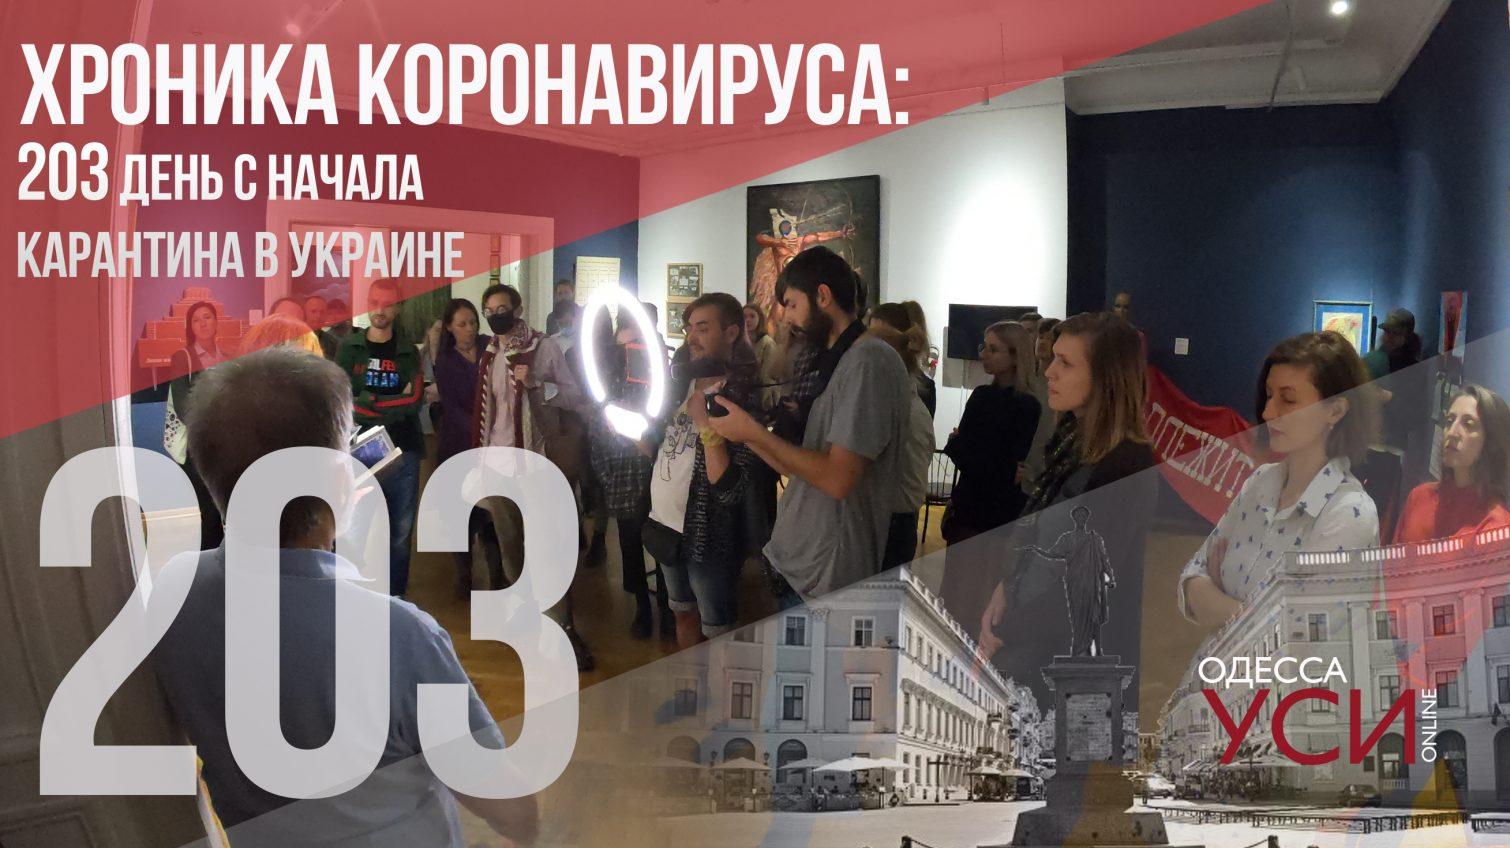 Хроника коронавируса: на 203 день с начала карантина в Украине снова более 4 тысяч заболевших «фото»